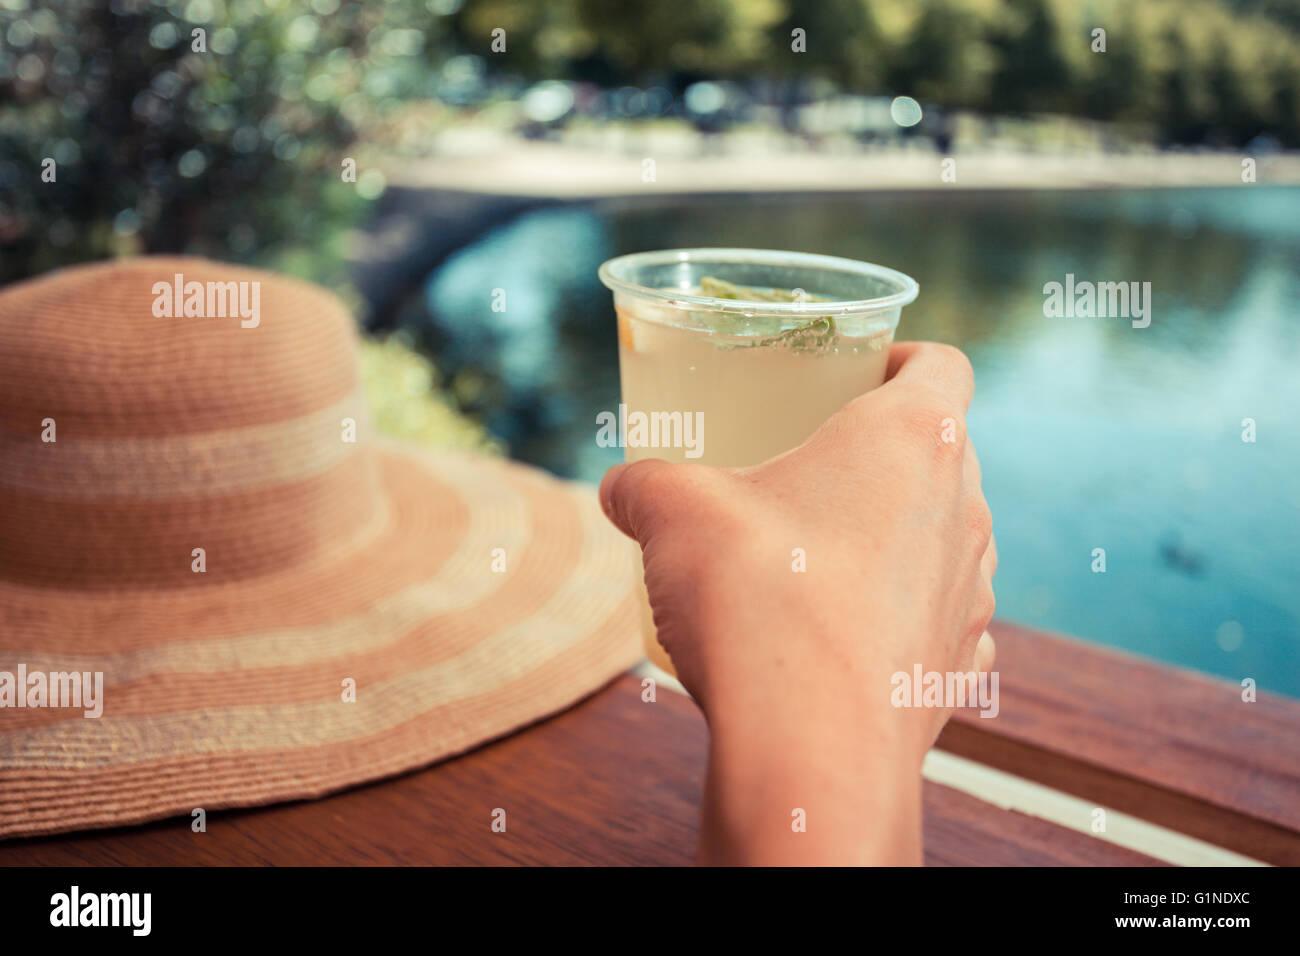 Eine junge Frau ist von einem Teich im Park Limonade trinken. Stockbild